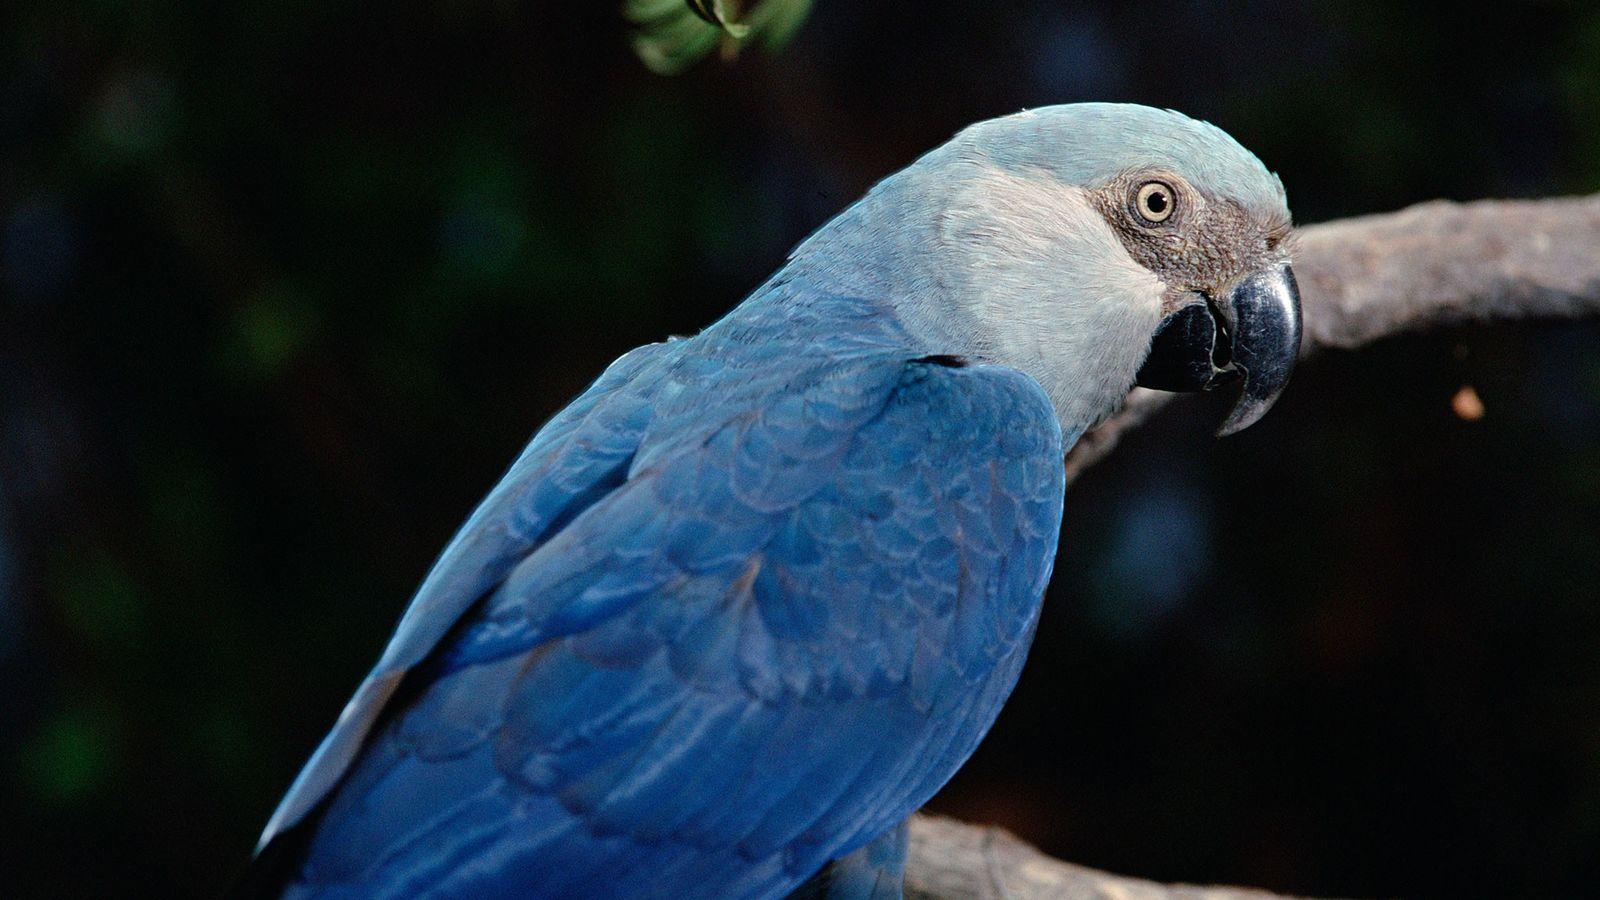 A ararinha-azul pode estar extinta na natureza, de acordo com um novo estudo da BirdLife International.